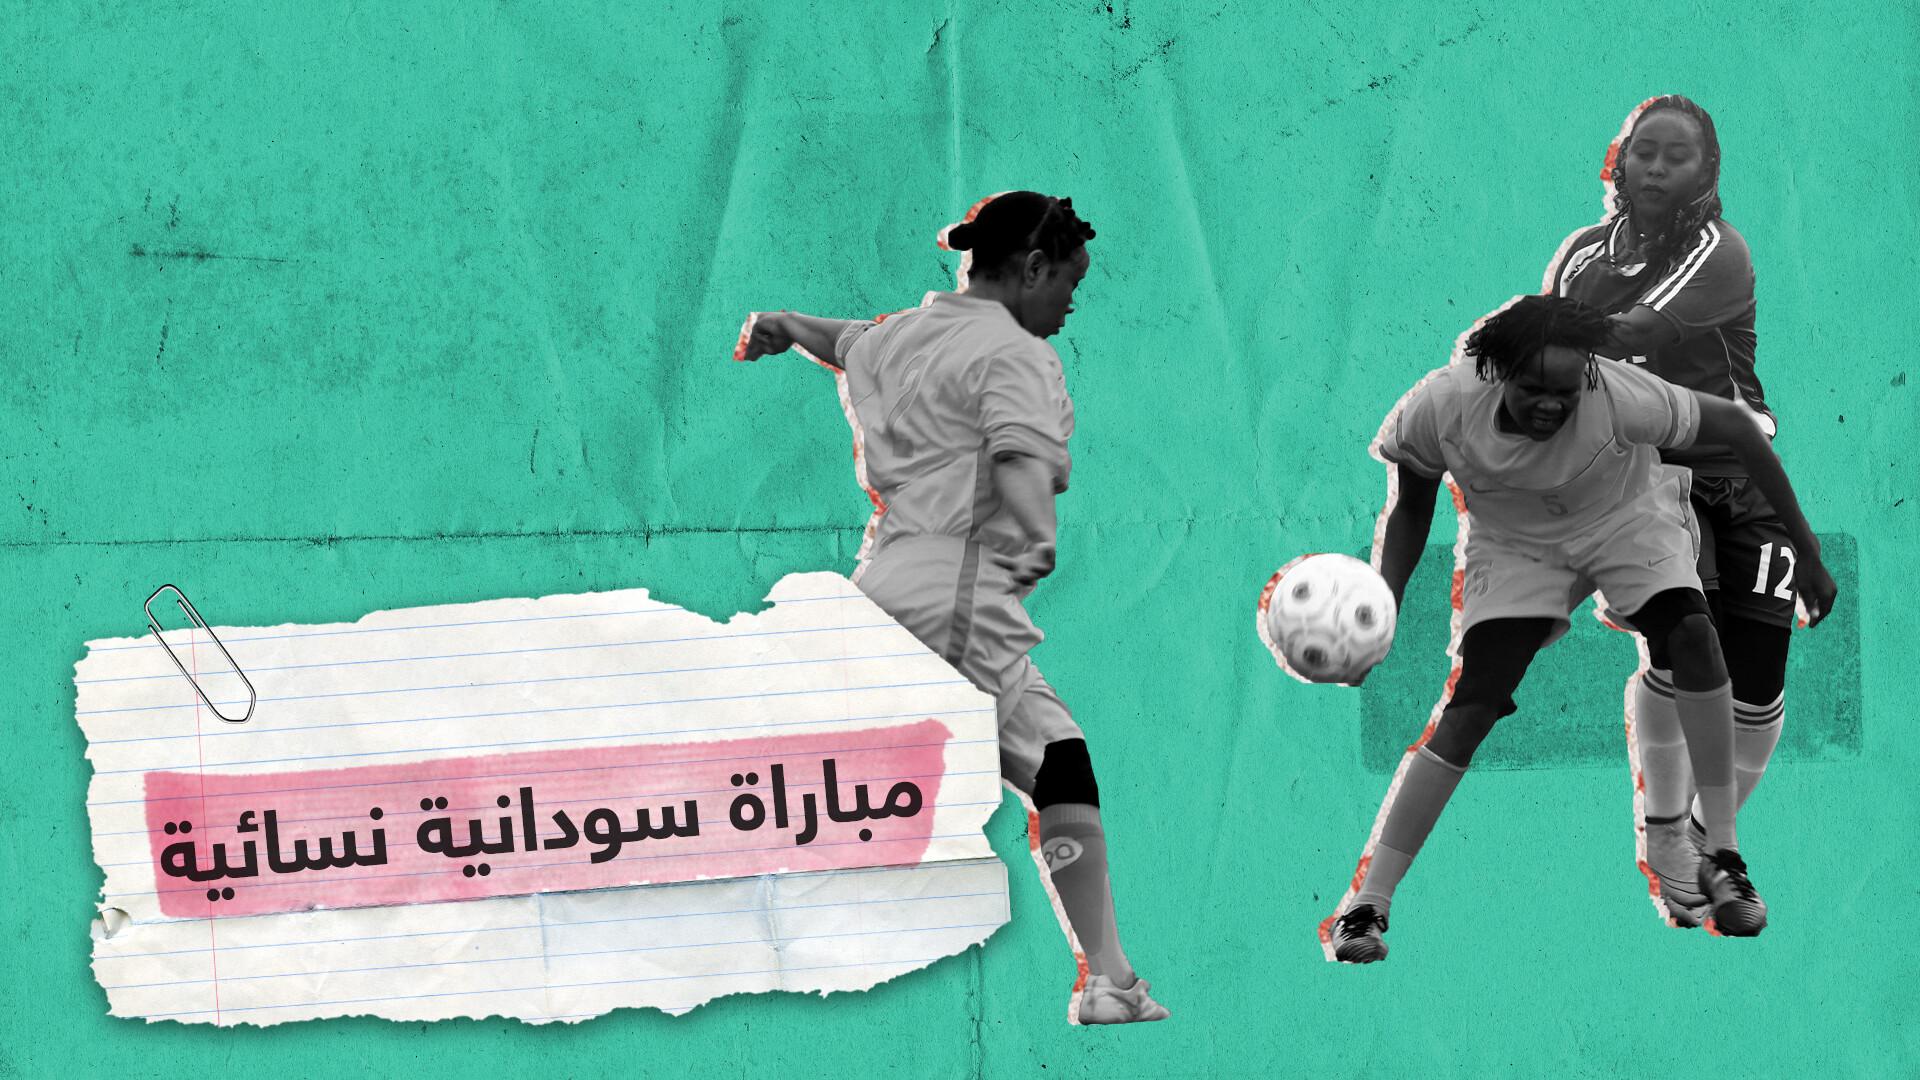 دوري لكرة القدم النسائية في السودان